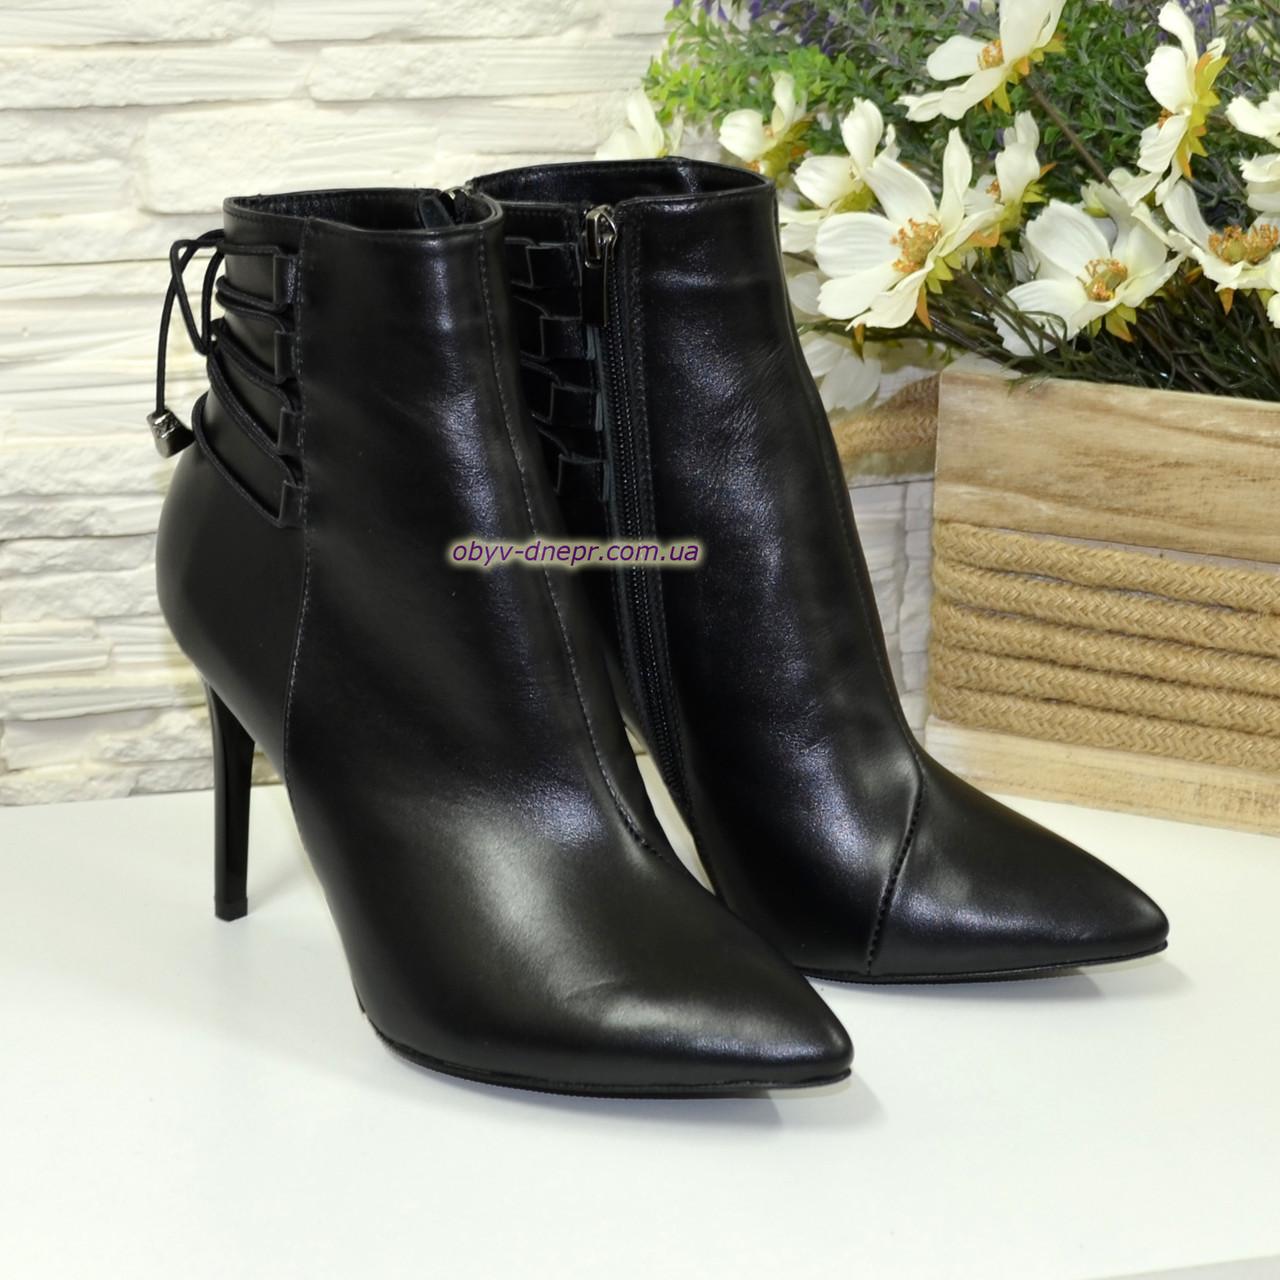 Ботинки кожаные женские демисезонные на шпильке